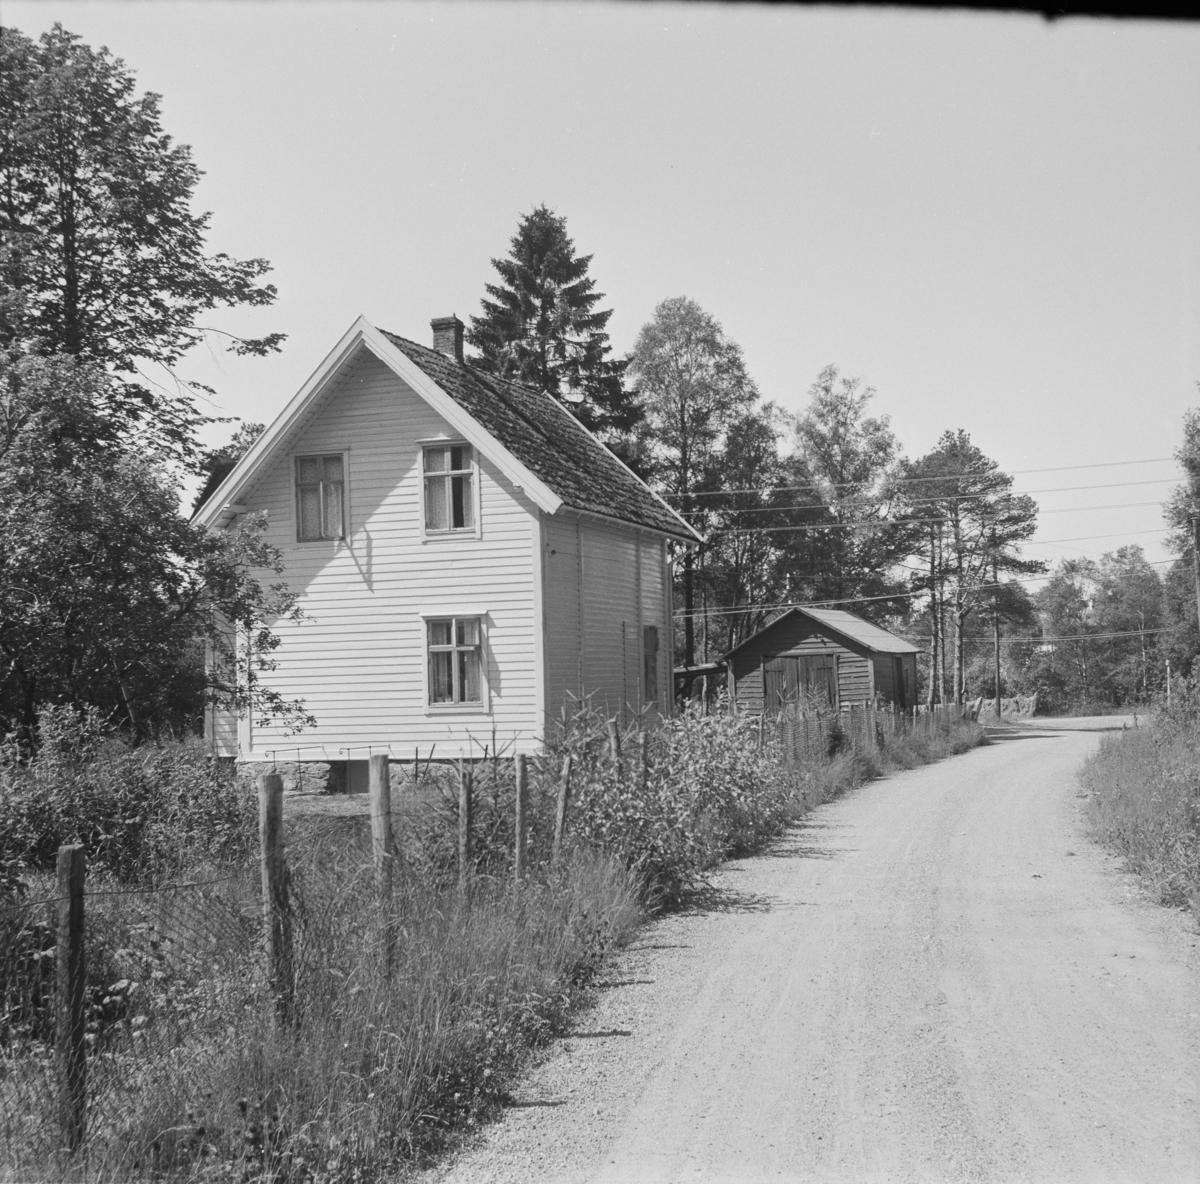 Tidligere Fana stasjon. Stasjonsbygningen stod opprinnelig på Kalandseid.